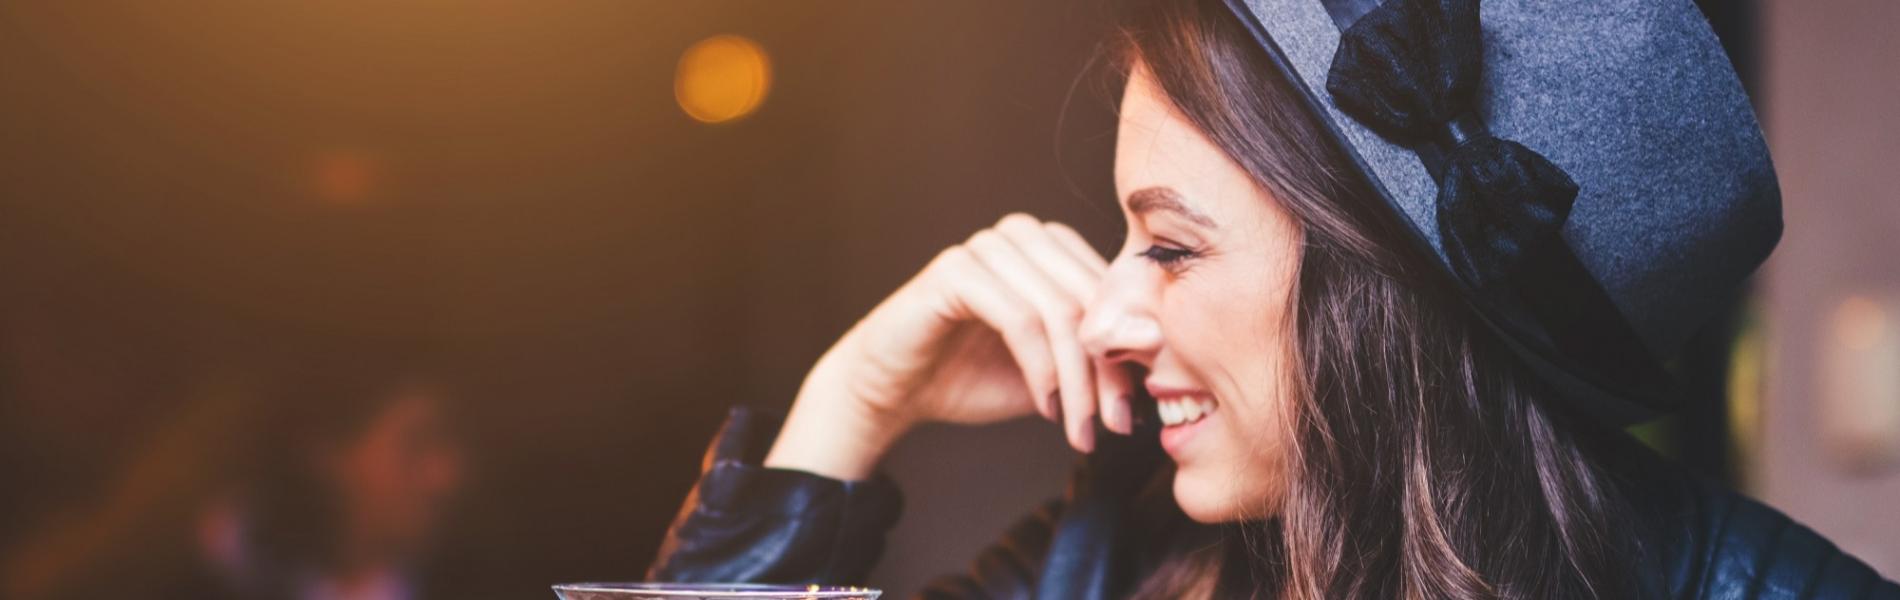 יוזמה חדשה: הנחה בבר לנשים שסובלות מכאבי מחזור